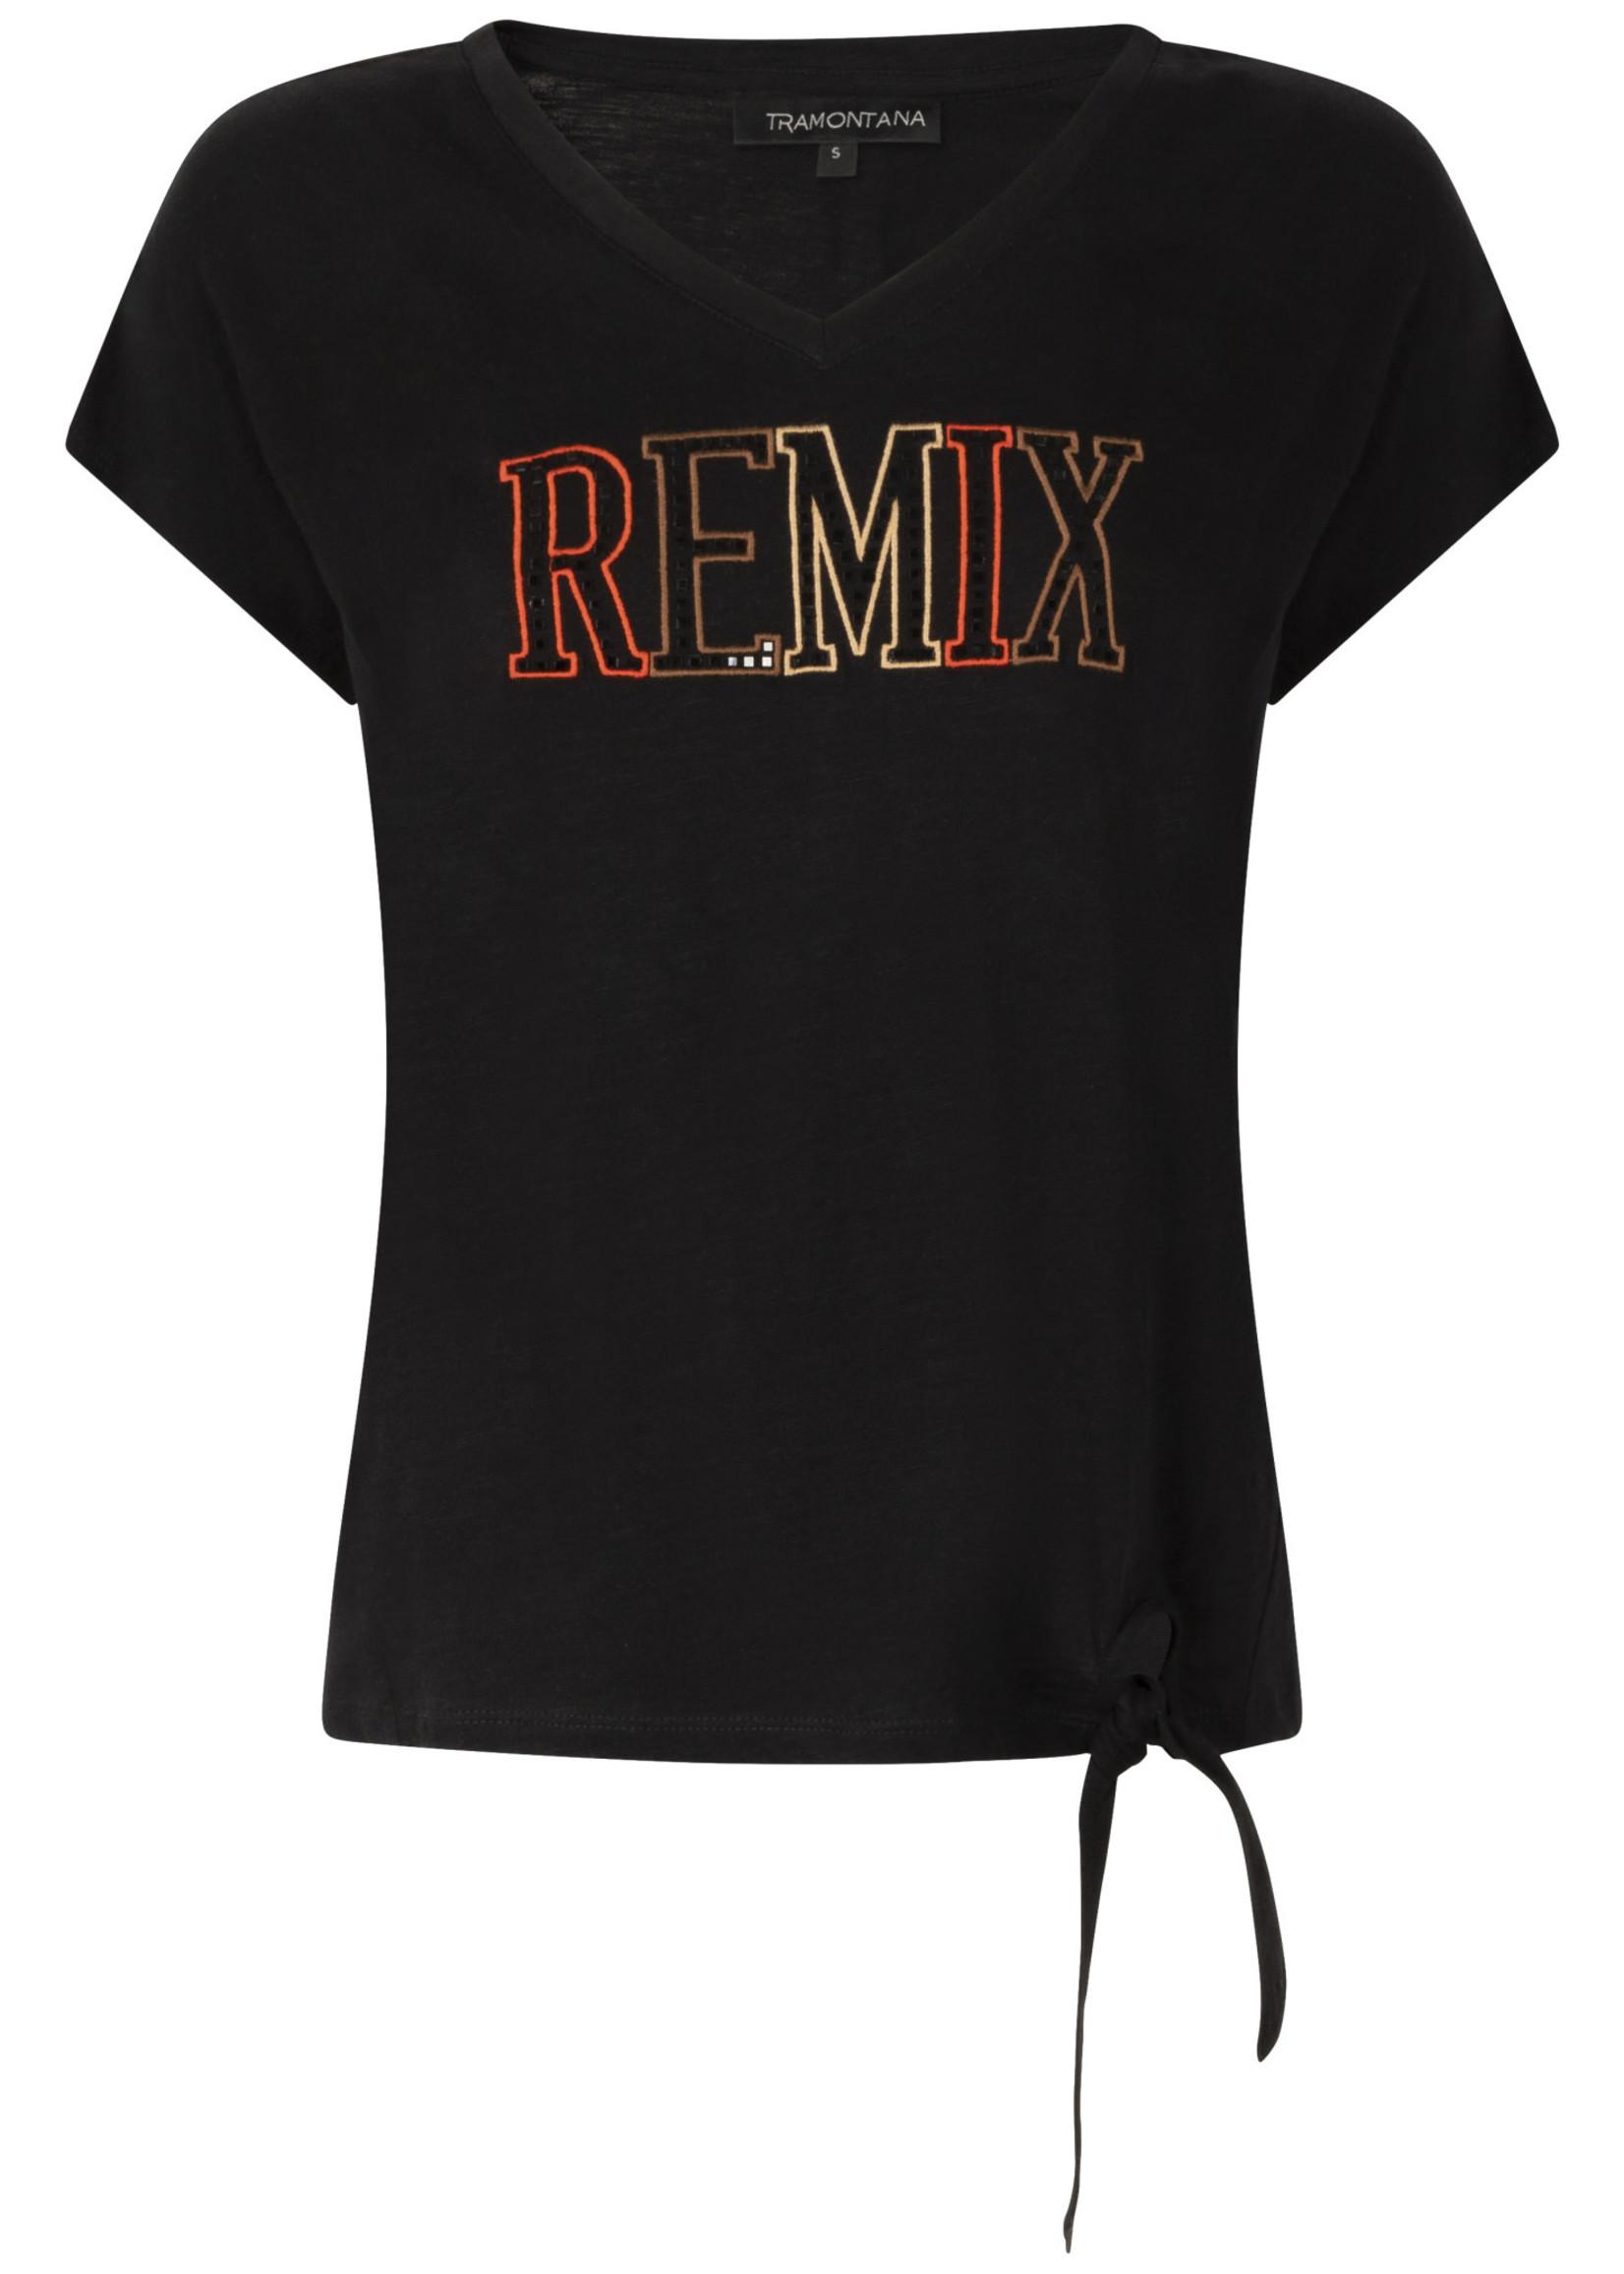 Tramontana T-Shirt Remix